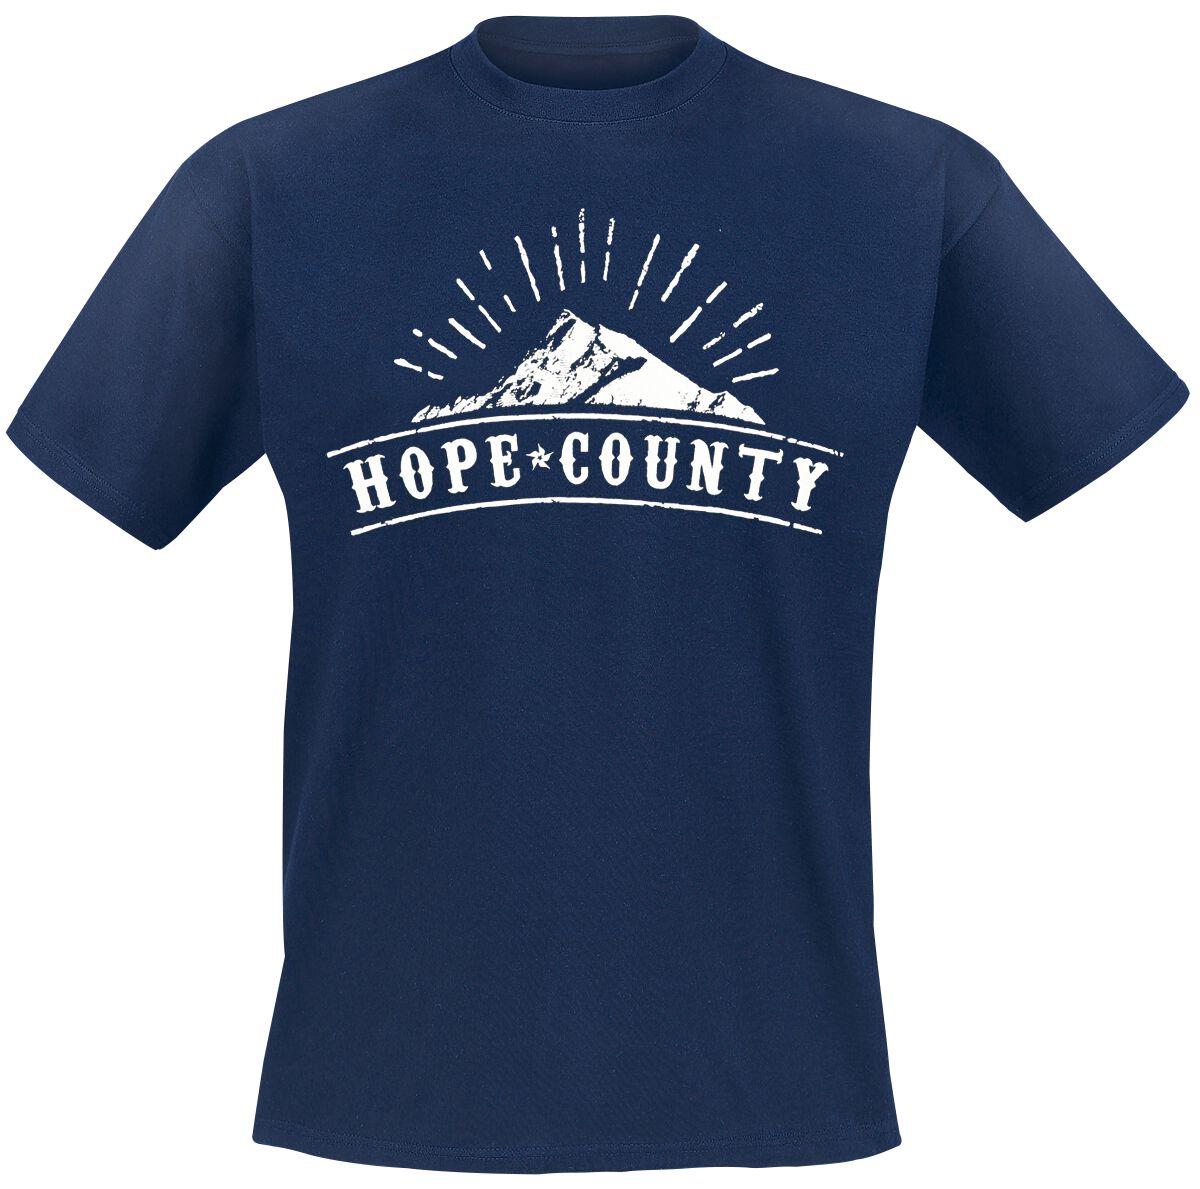 Merch dla Fanów - Koszulki - T-Shirt Far Cry 5 - Hope County T-Shirt granatowy - 374299